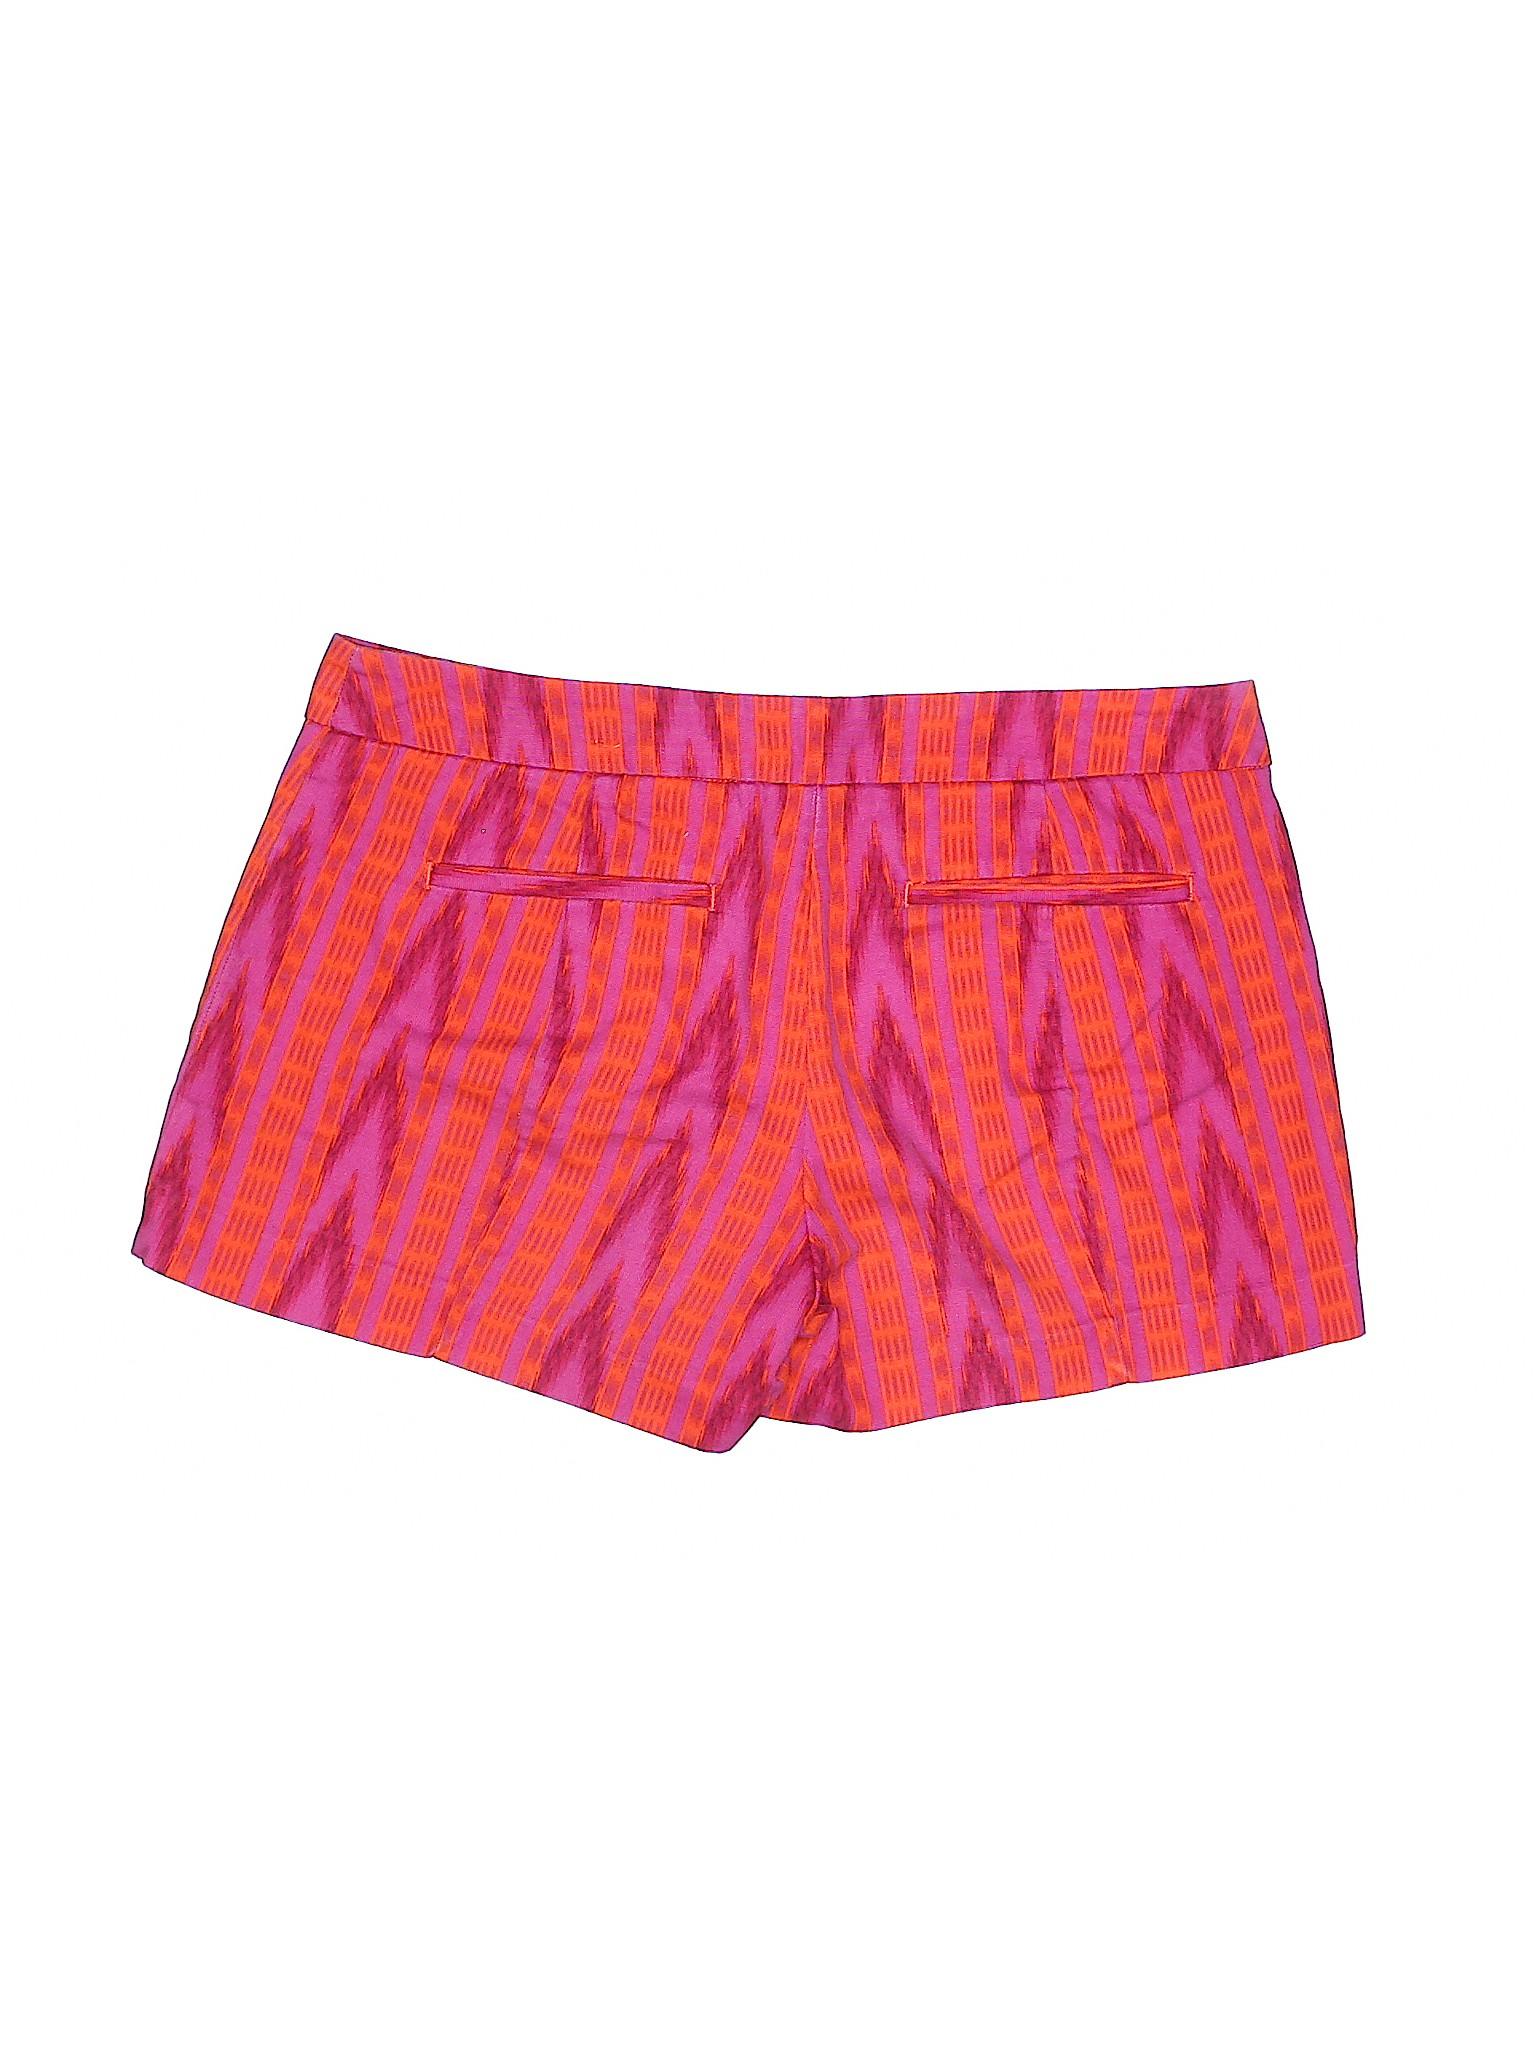 Khaki Gap Boutique Boutique leisure leisure Shorts Wx0qUwxYpP